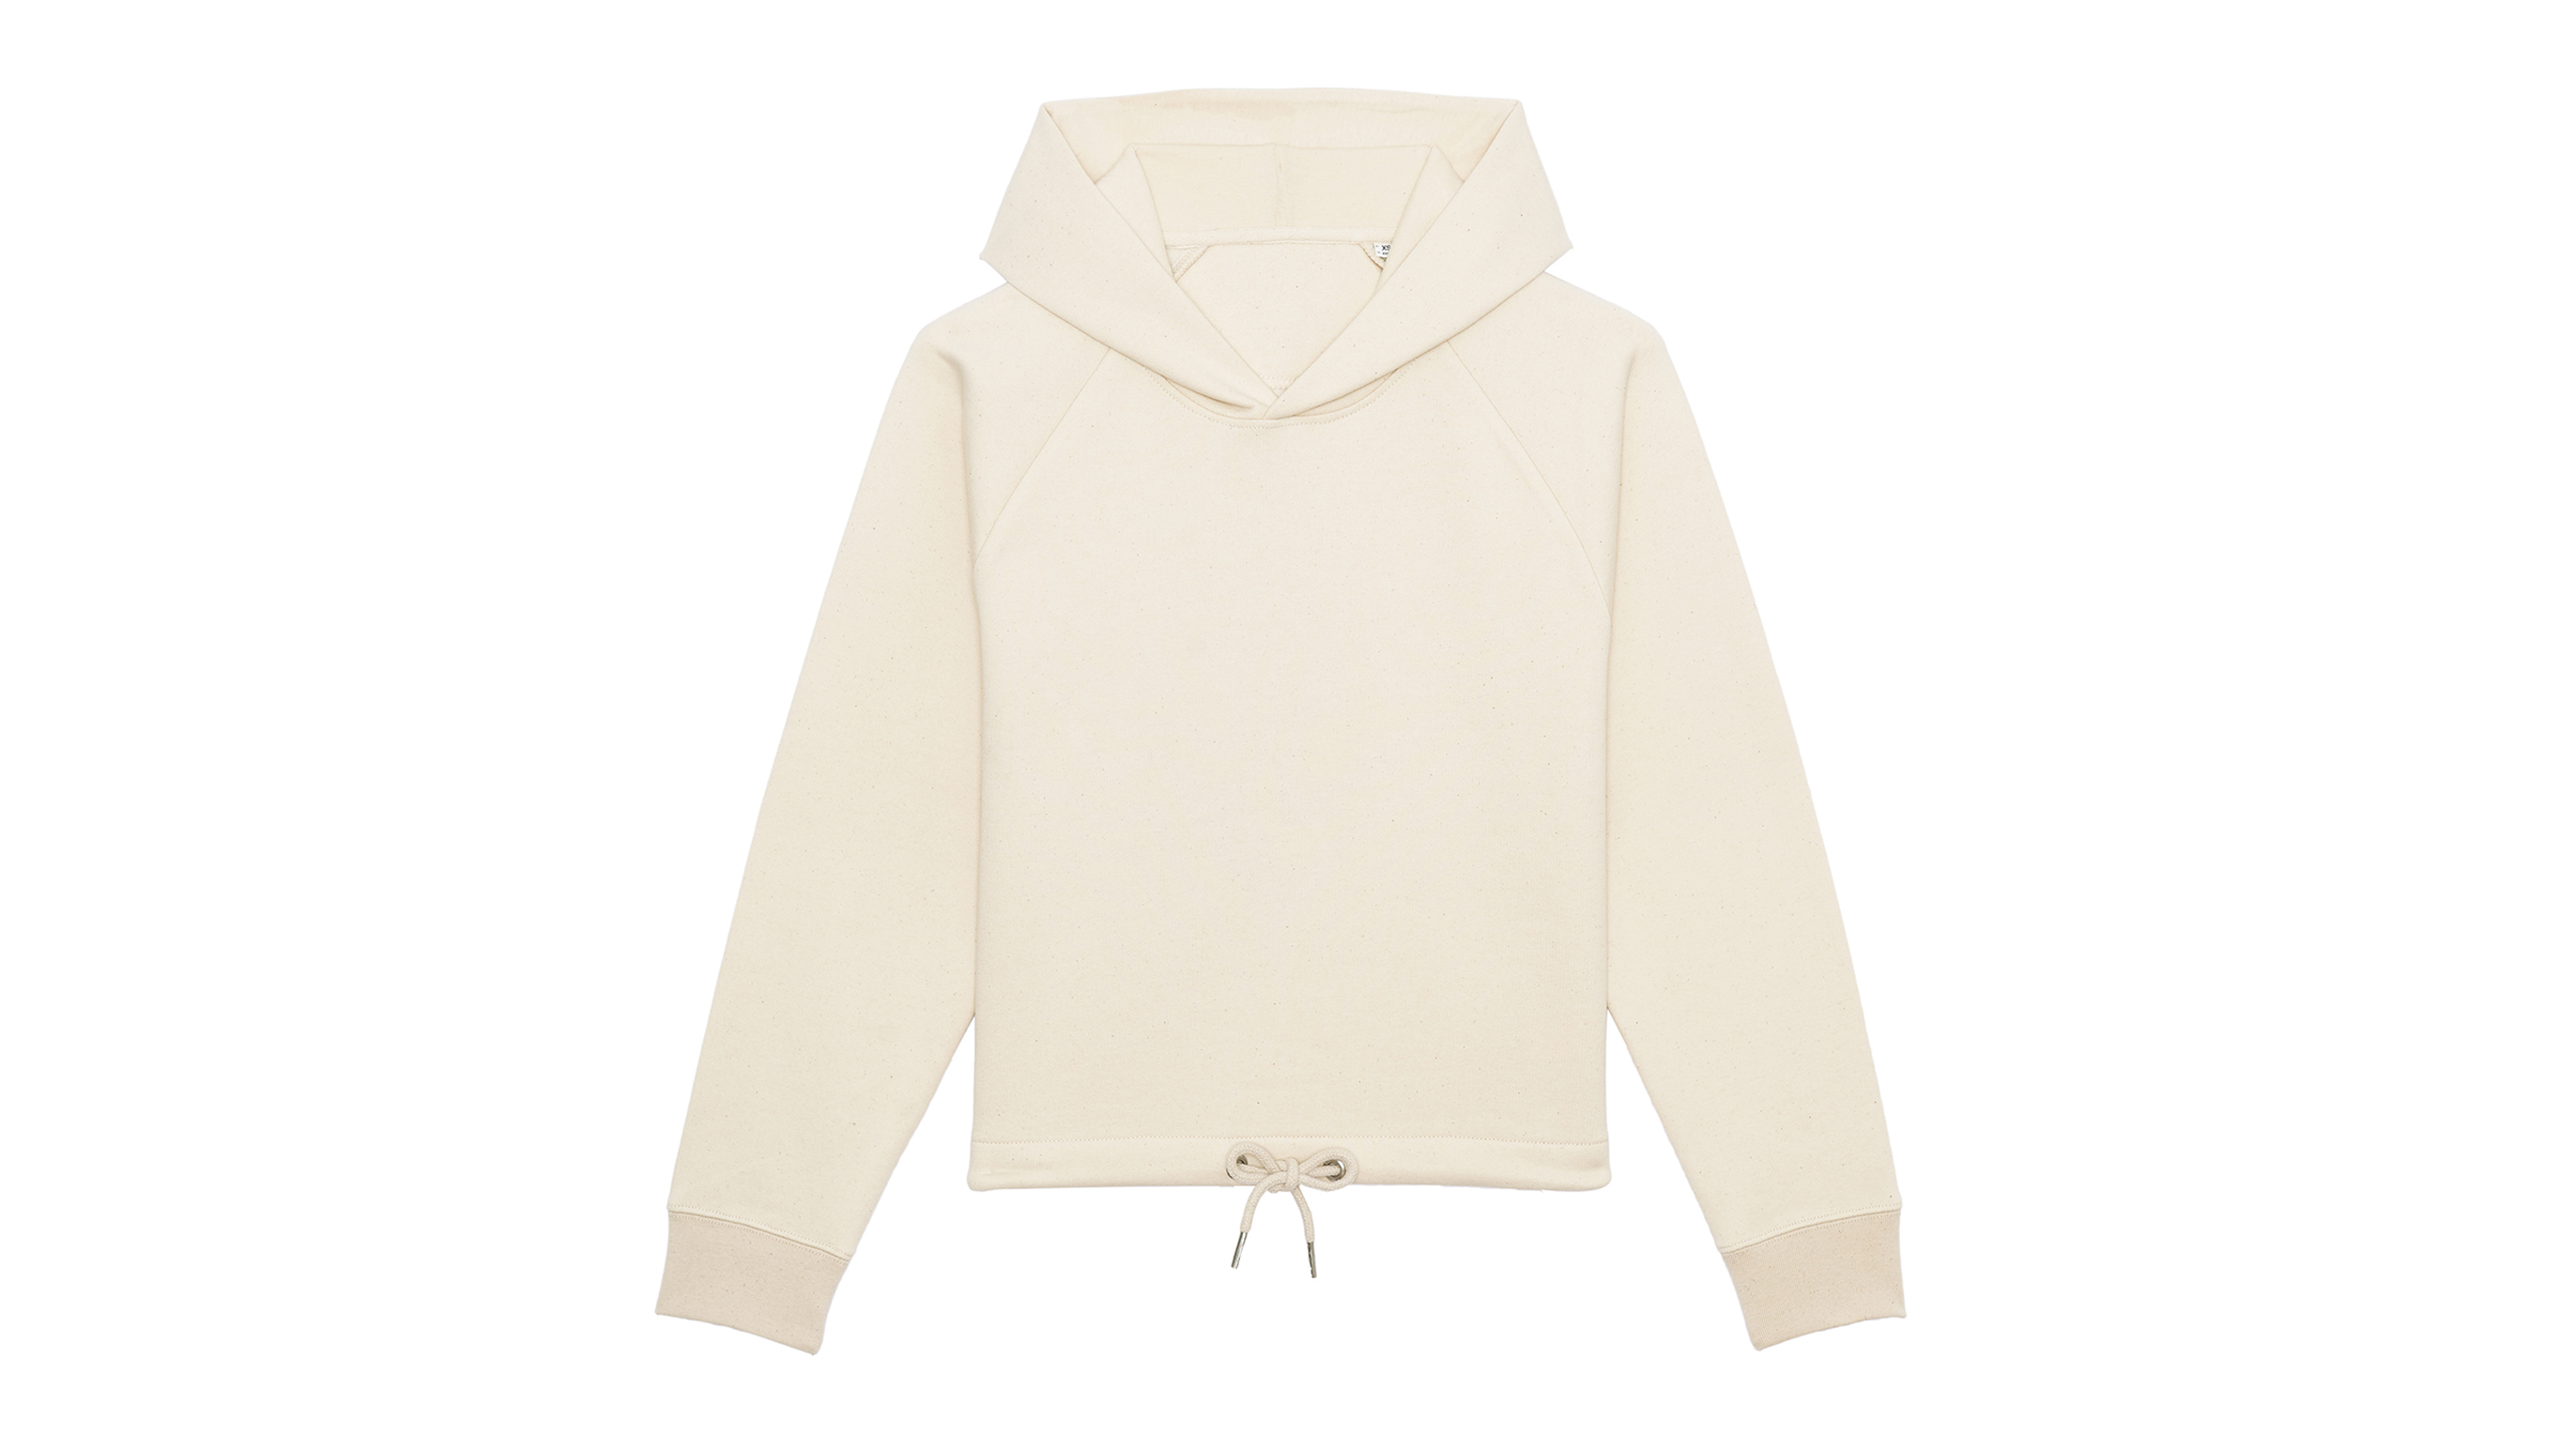 Steller hoodie by SOS